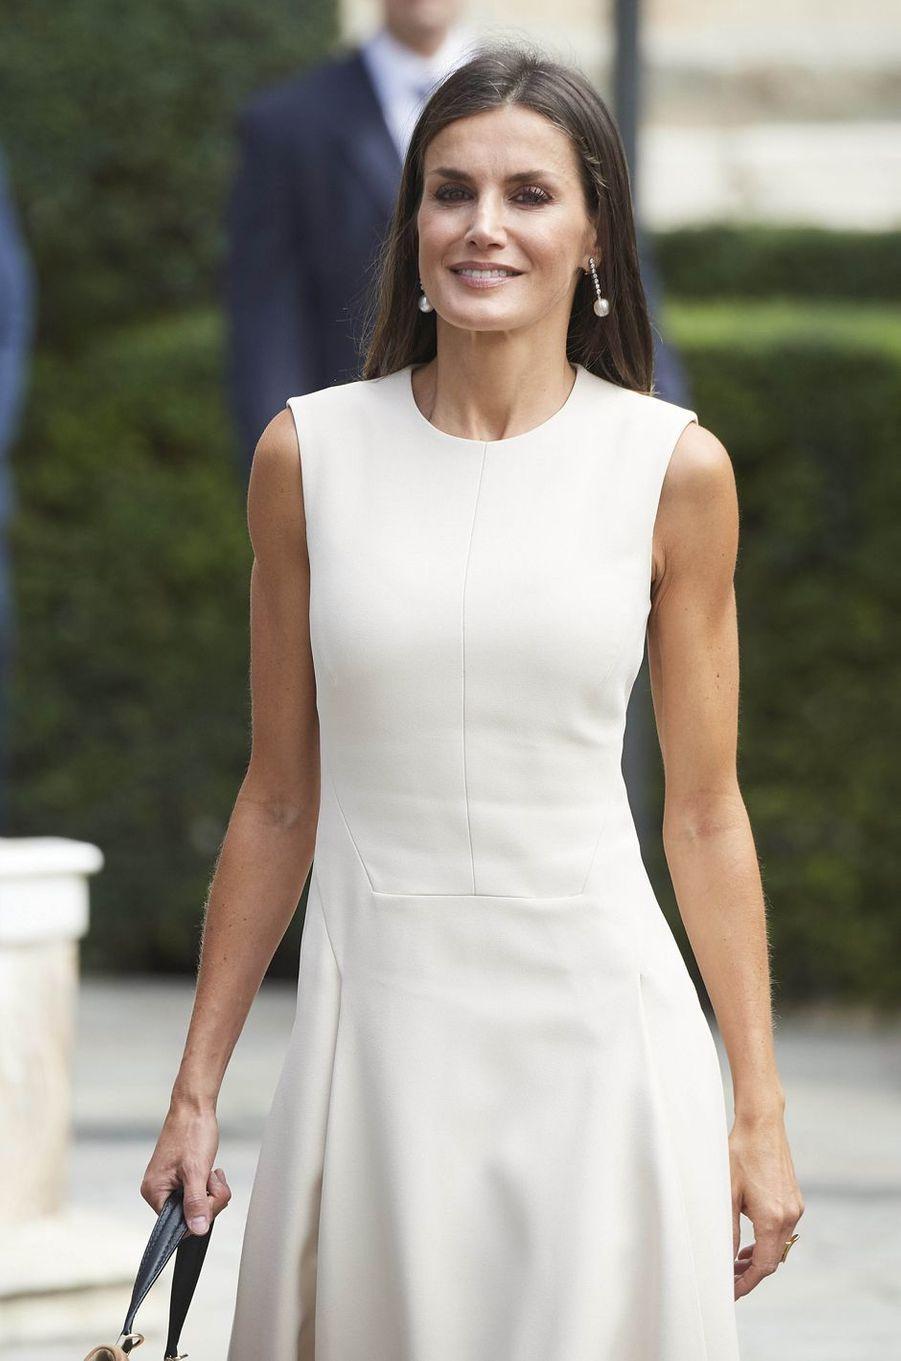 La reine Letizia d'Espagne à Séville, le 12 septembre 2019